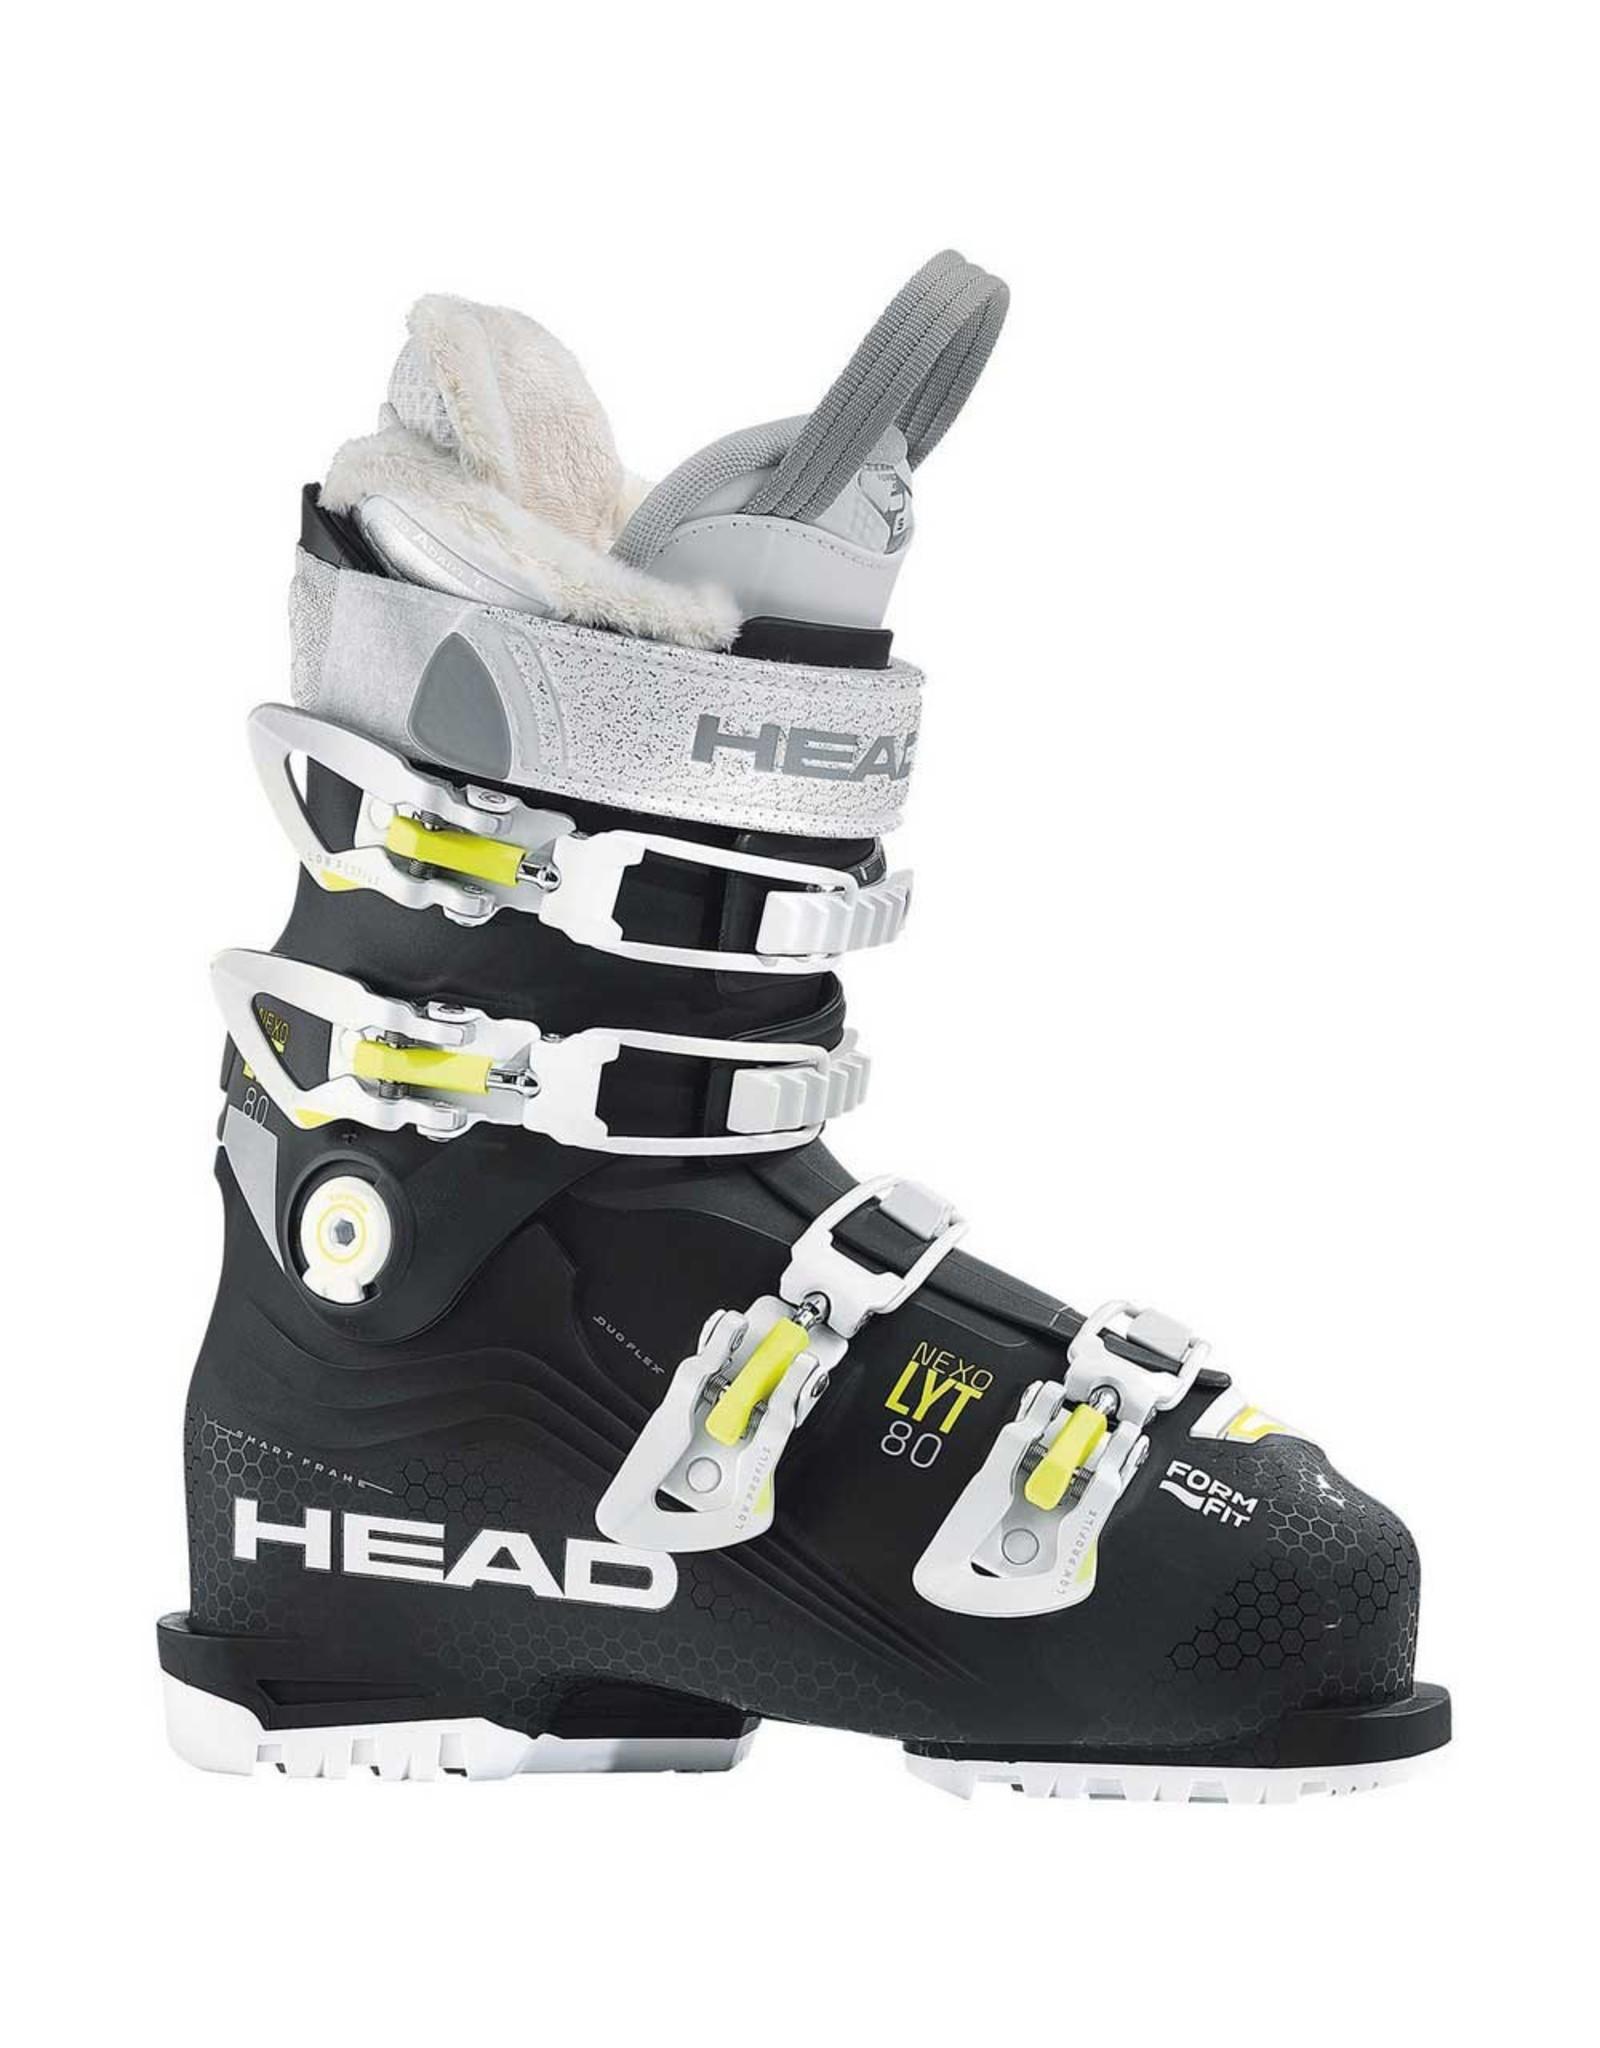 Head HEAD Nexo Lyt 80 W F20